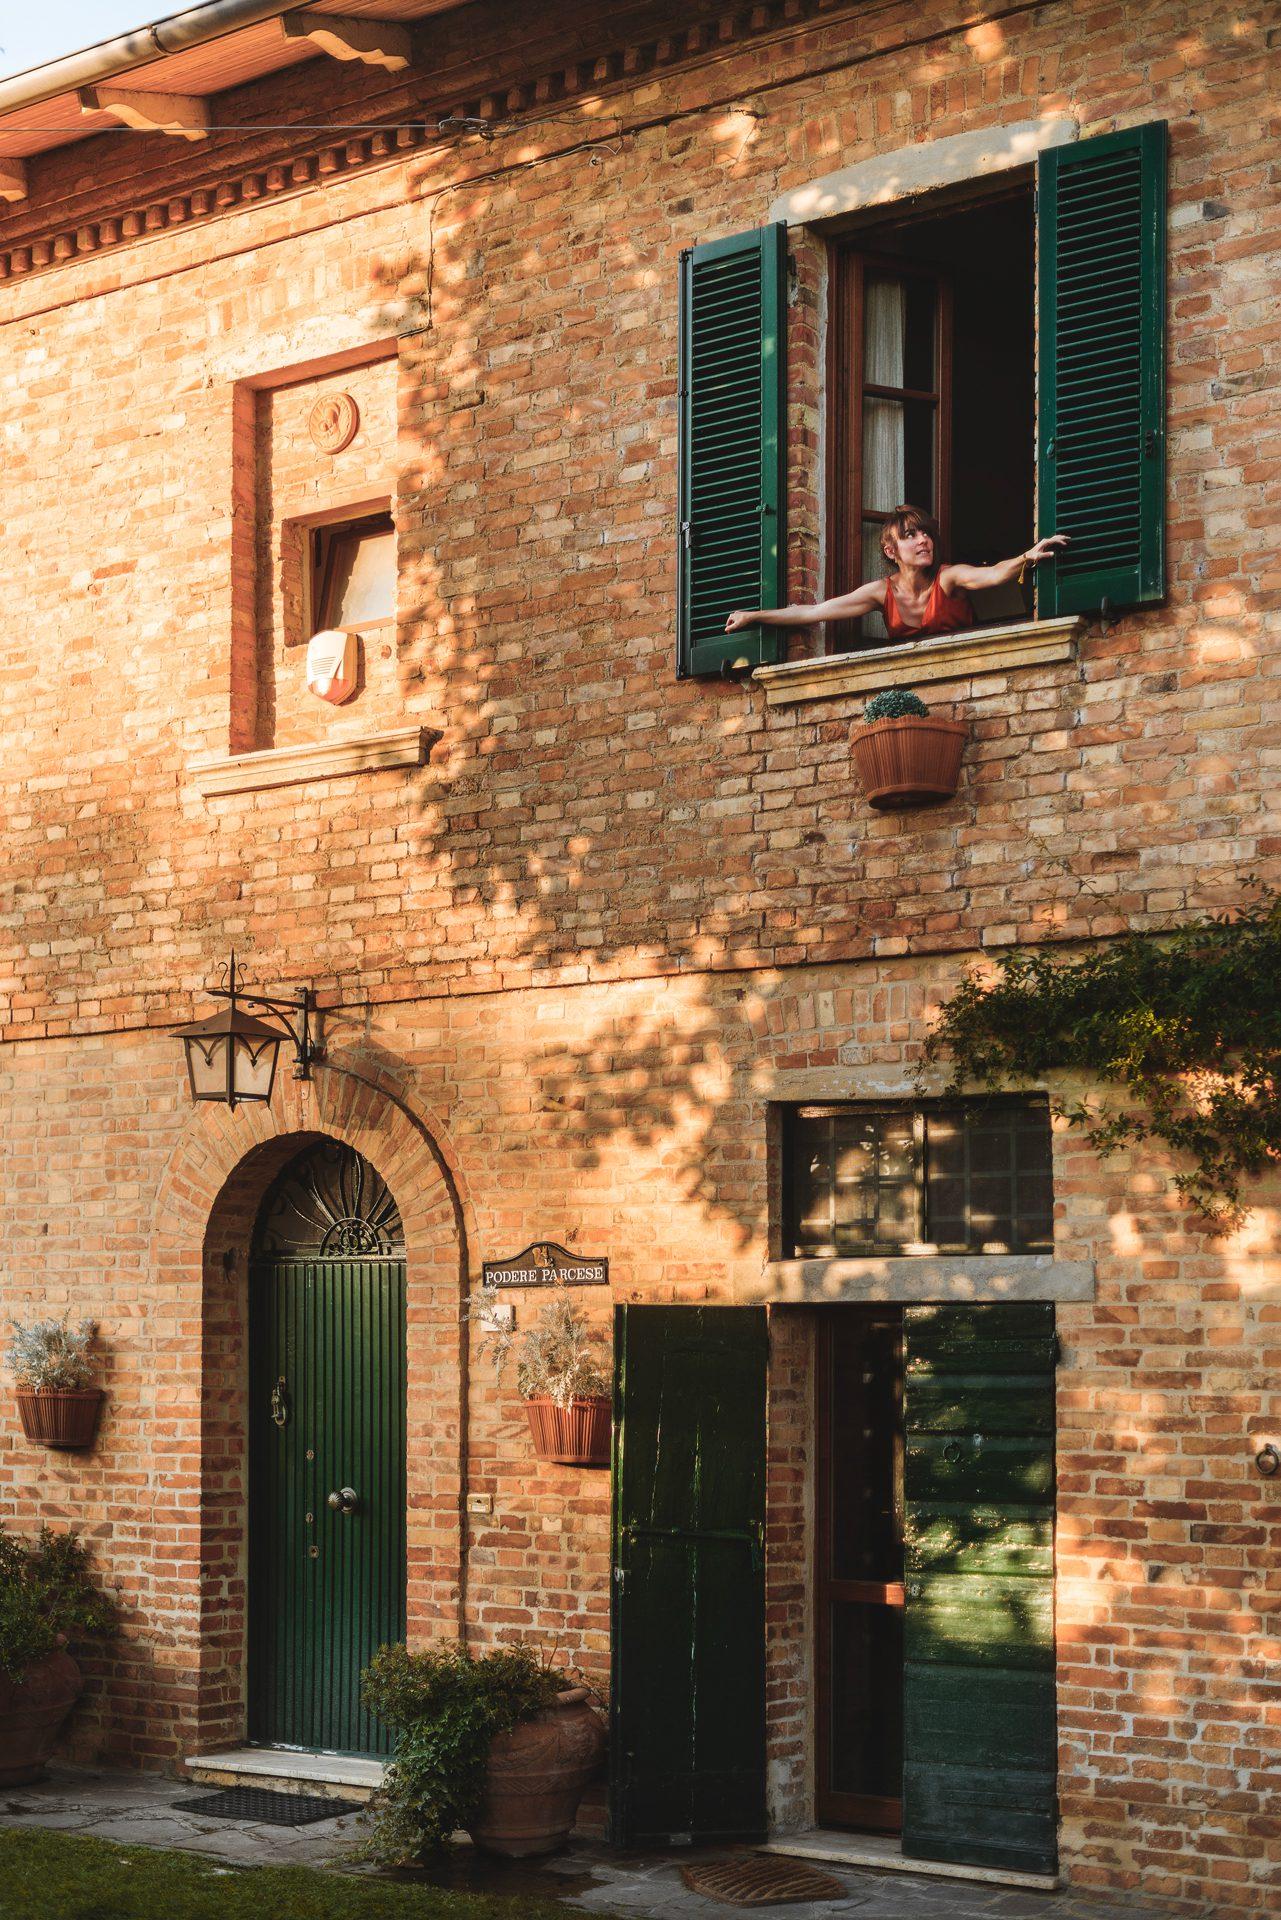 mejores webs para intercambio de casas | Rojo Cangrejo Blog de Viajes